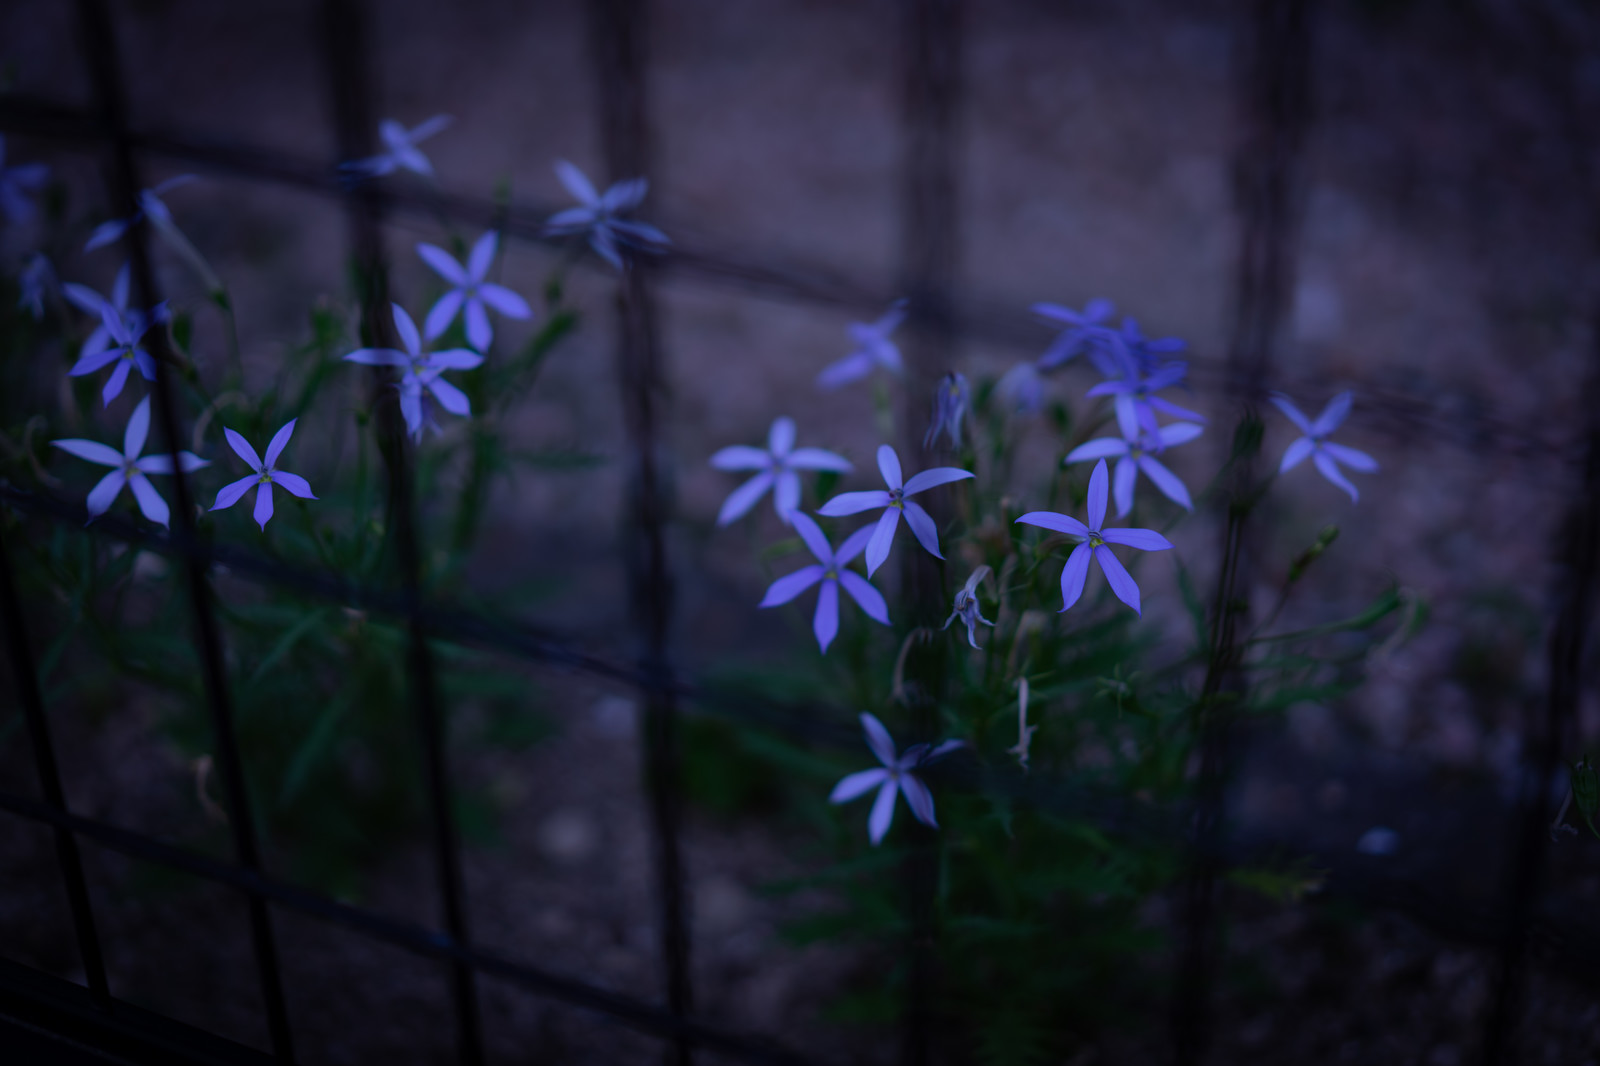 「夜道に咲く白いローレンティア(イソトマ)」の写真